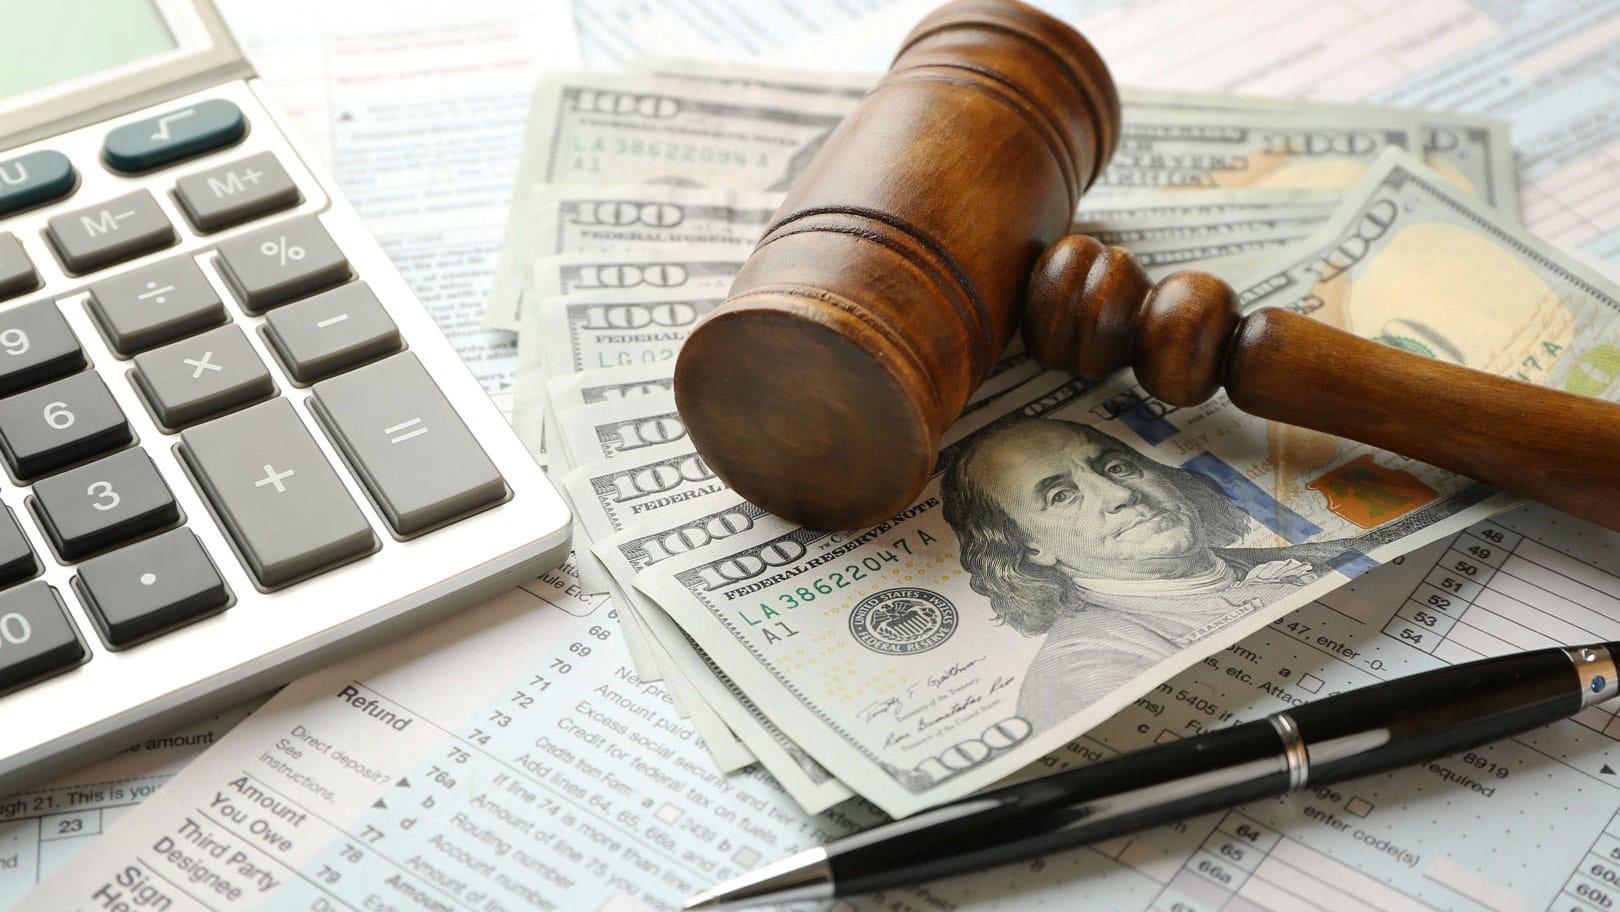 وکیل متخصص دیوان عدالت اداری چه ویژگی های منحصر به فردی دارد؟